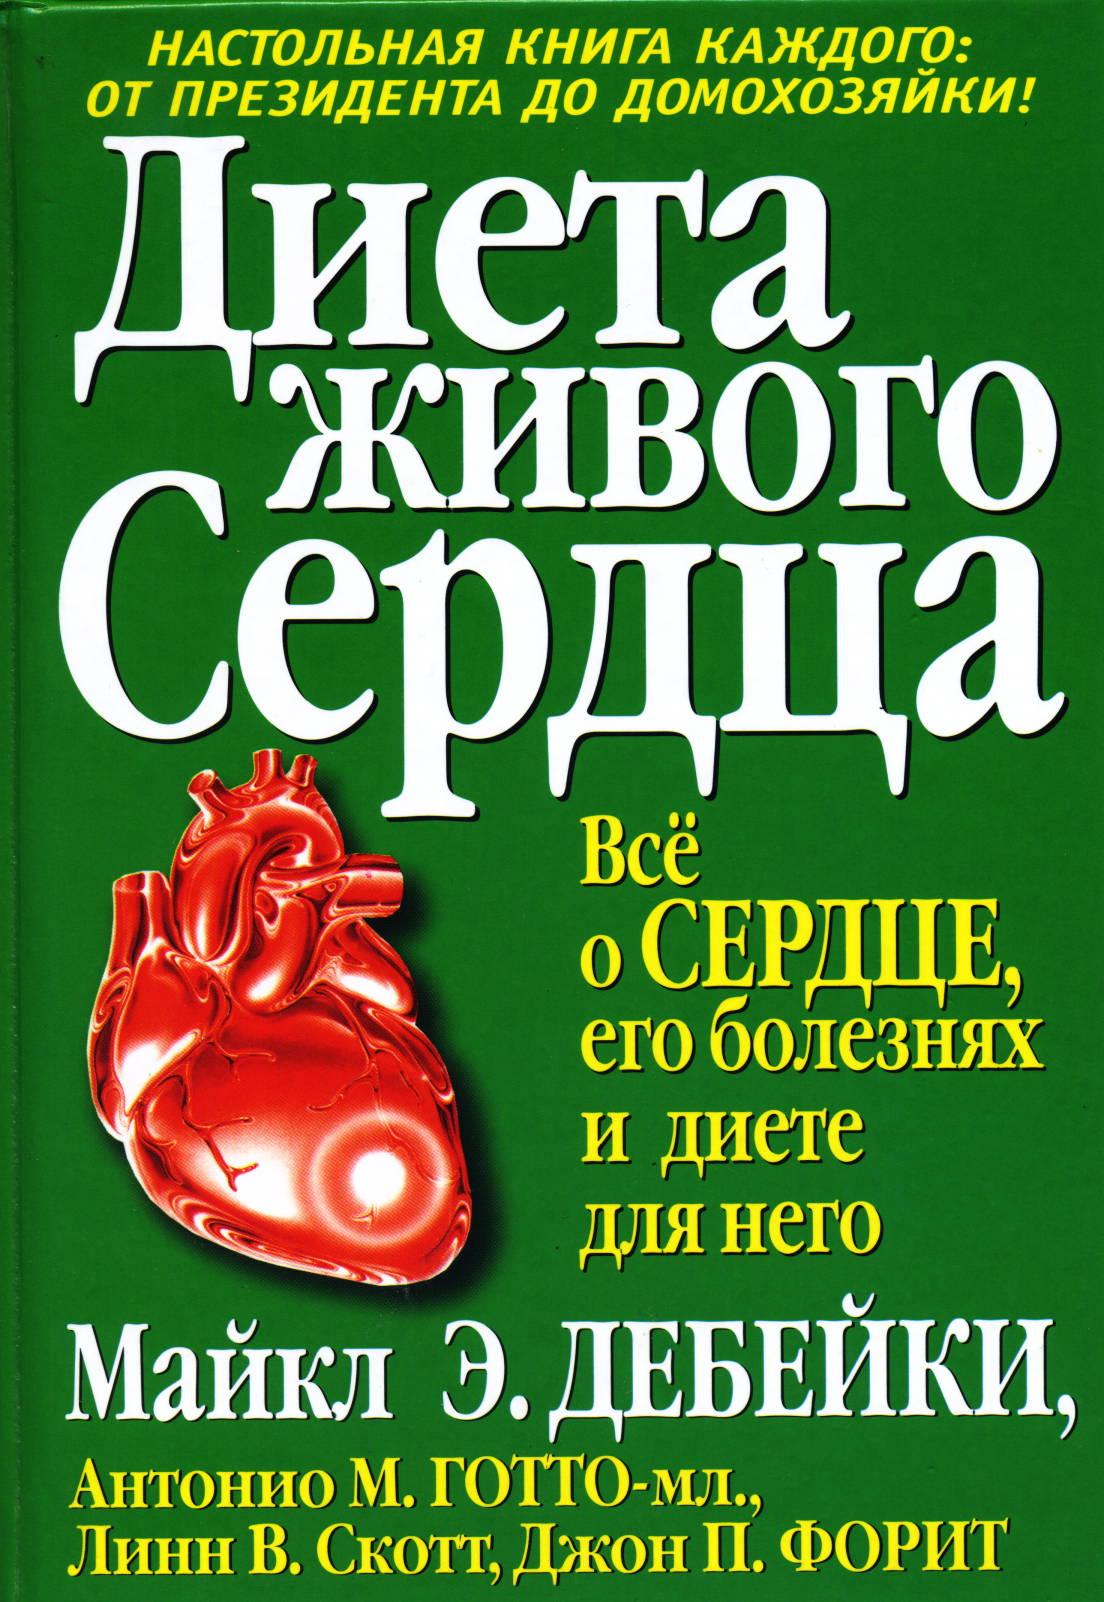 книга онлайн диетолога ковалькова